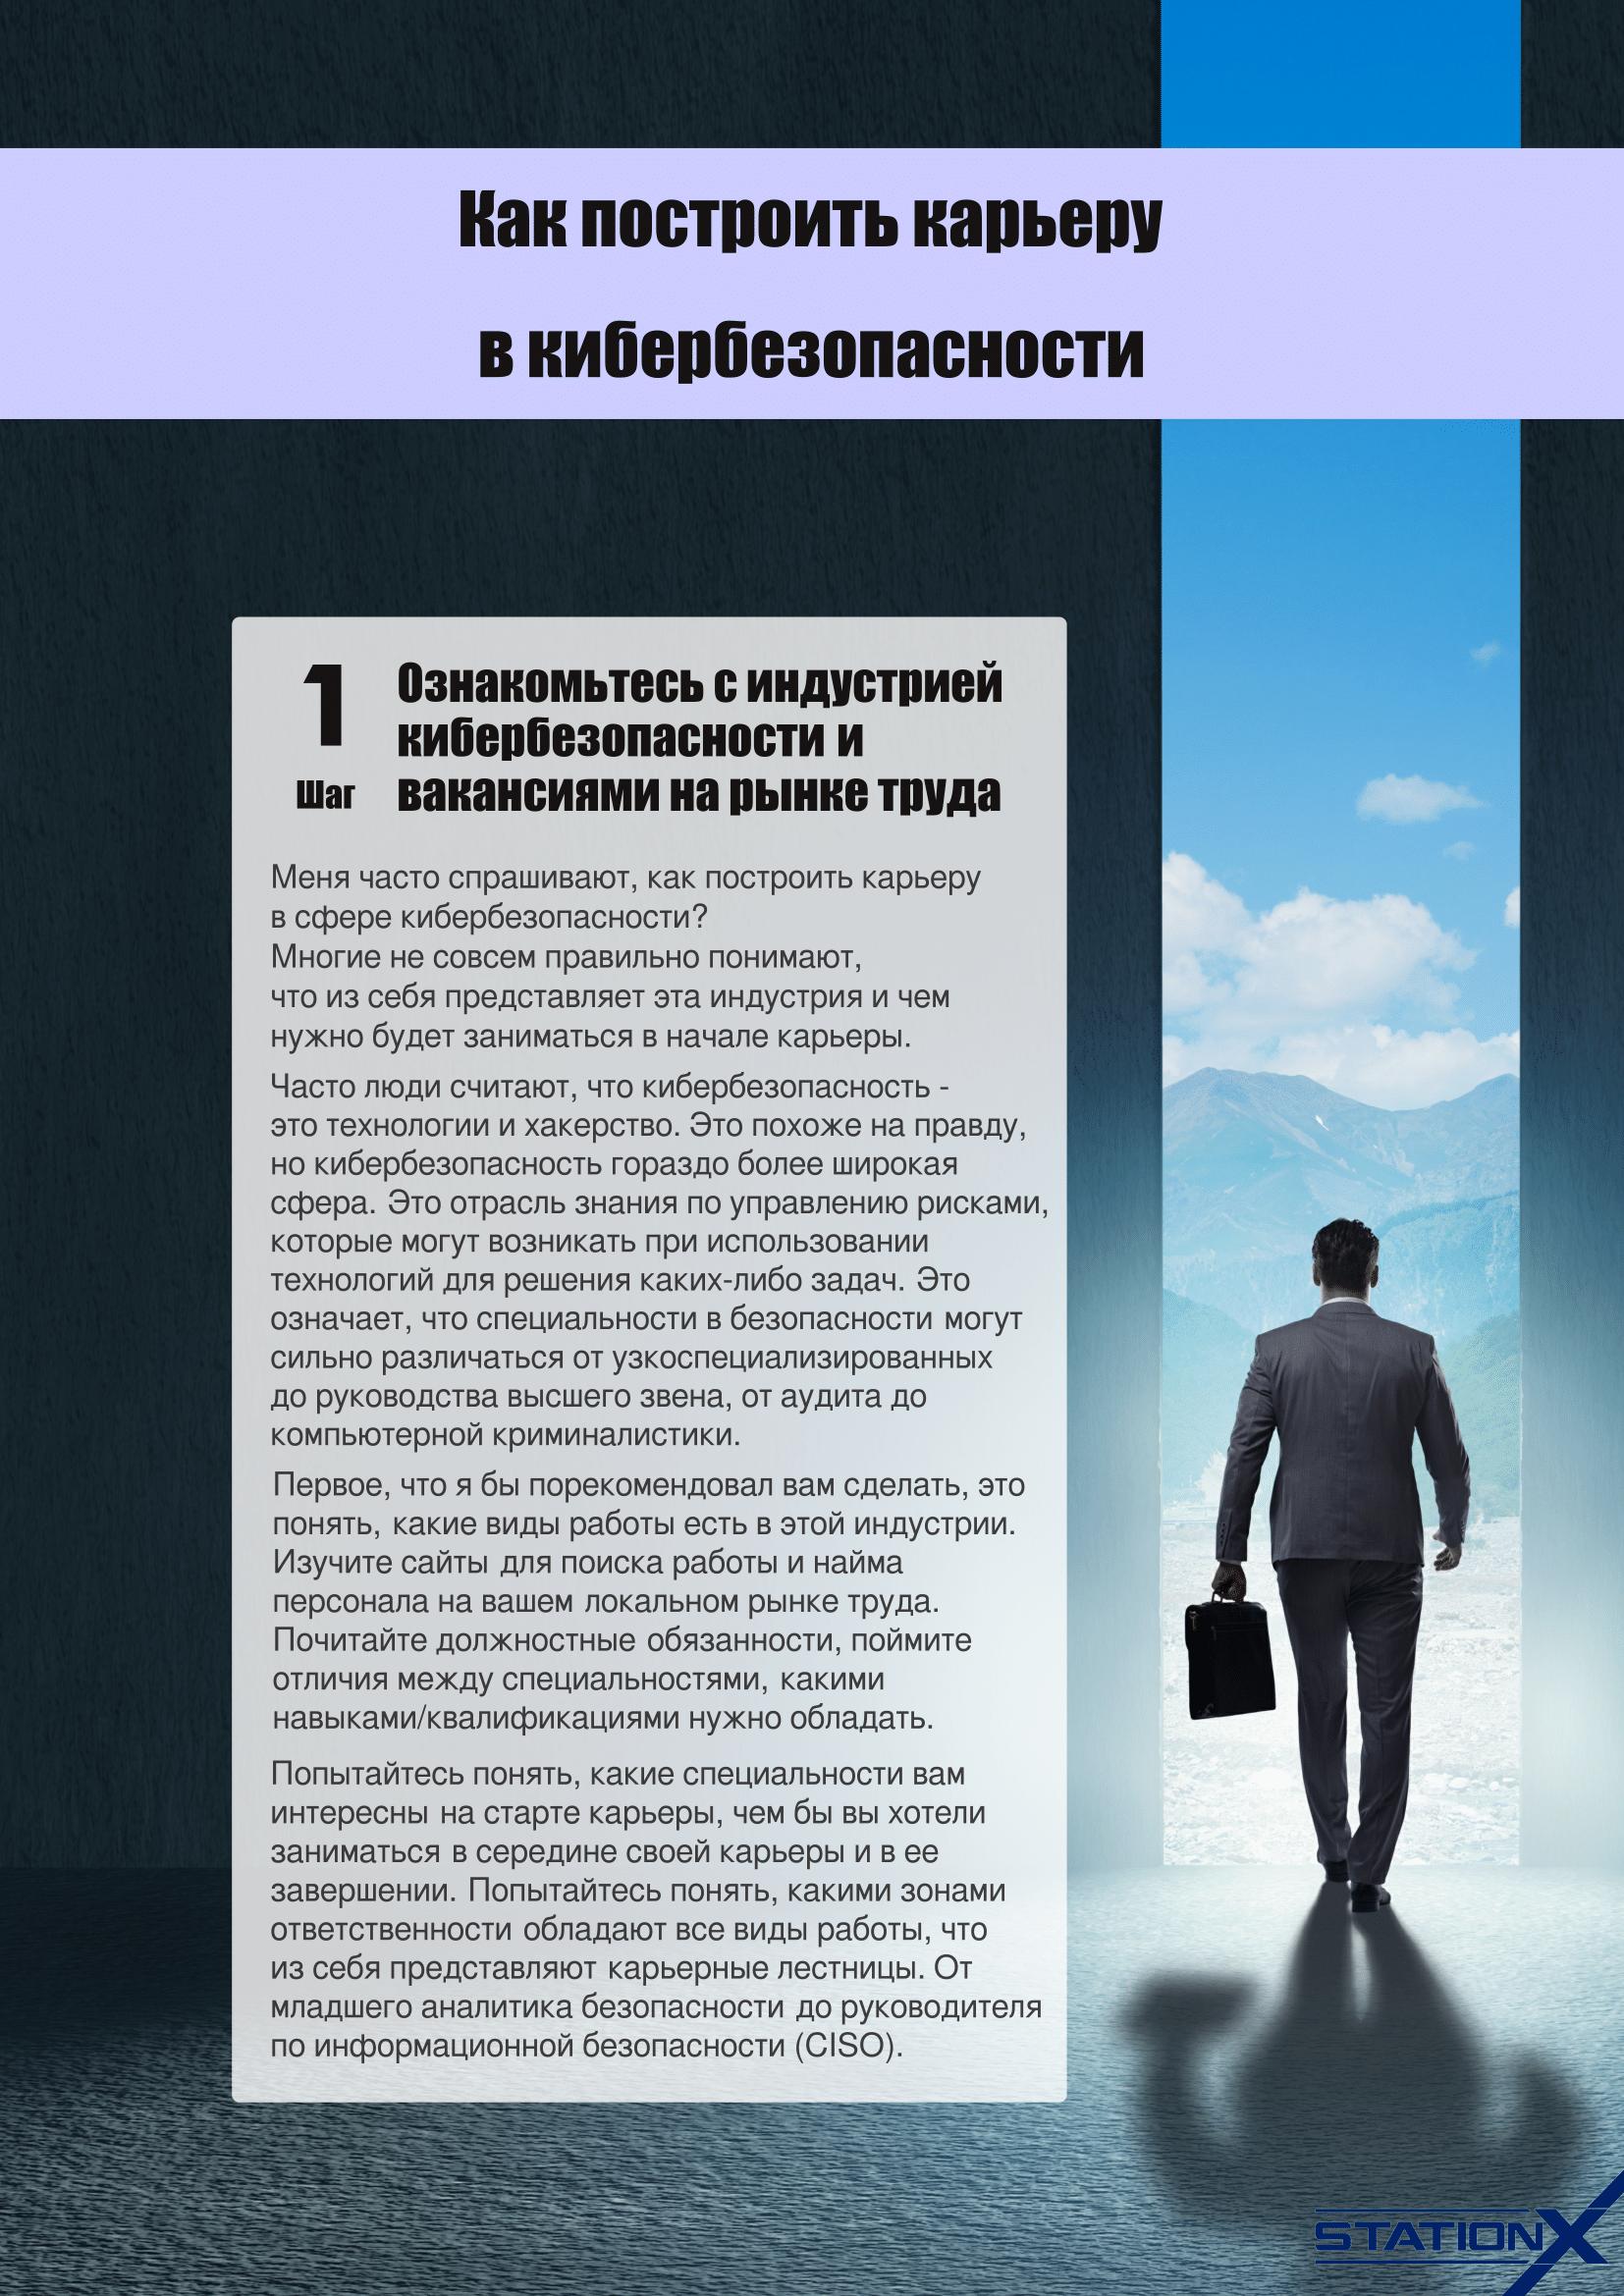 Как построить карьеру в кибербезопасности.png